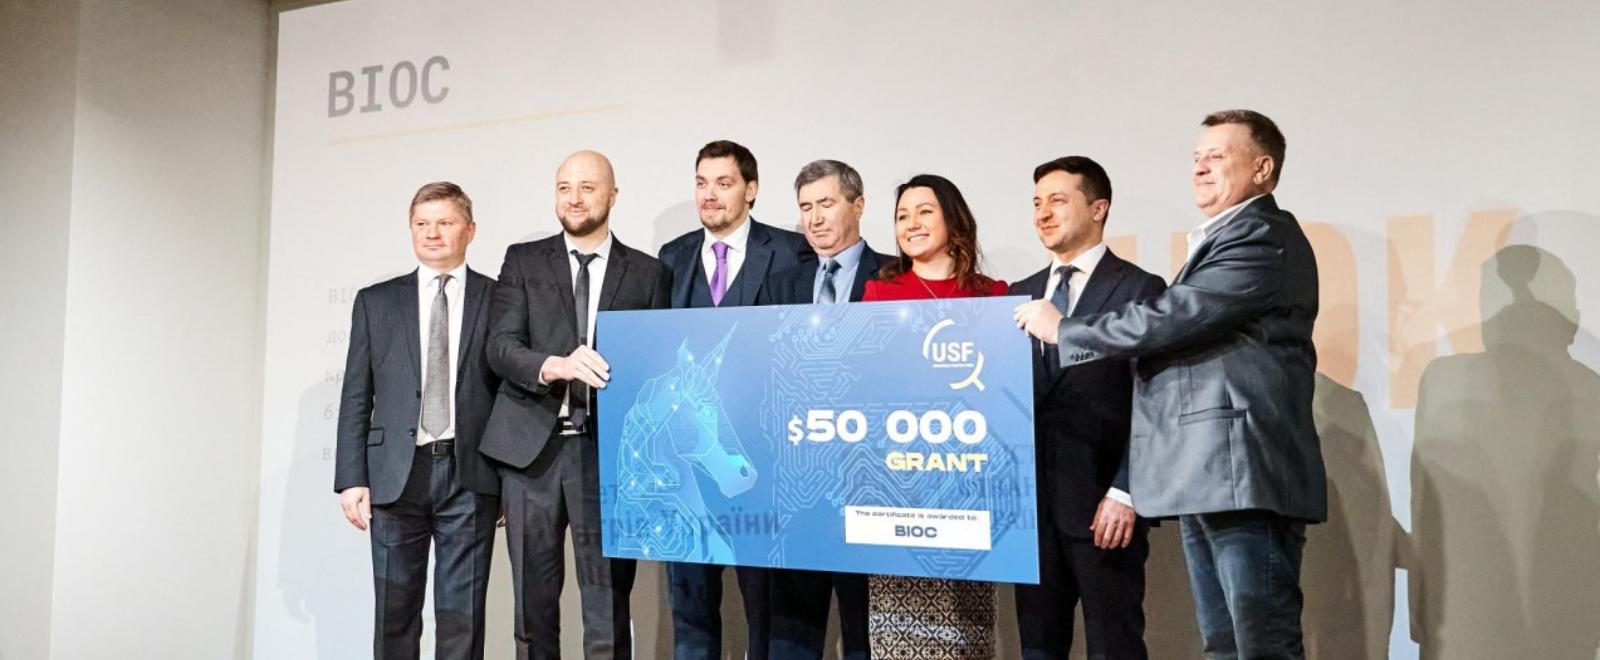 Украинские стартапы получили сертификаты от государства. Фото: Минцифры